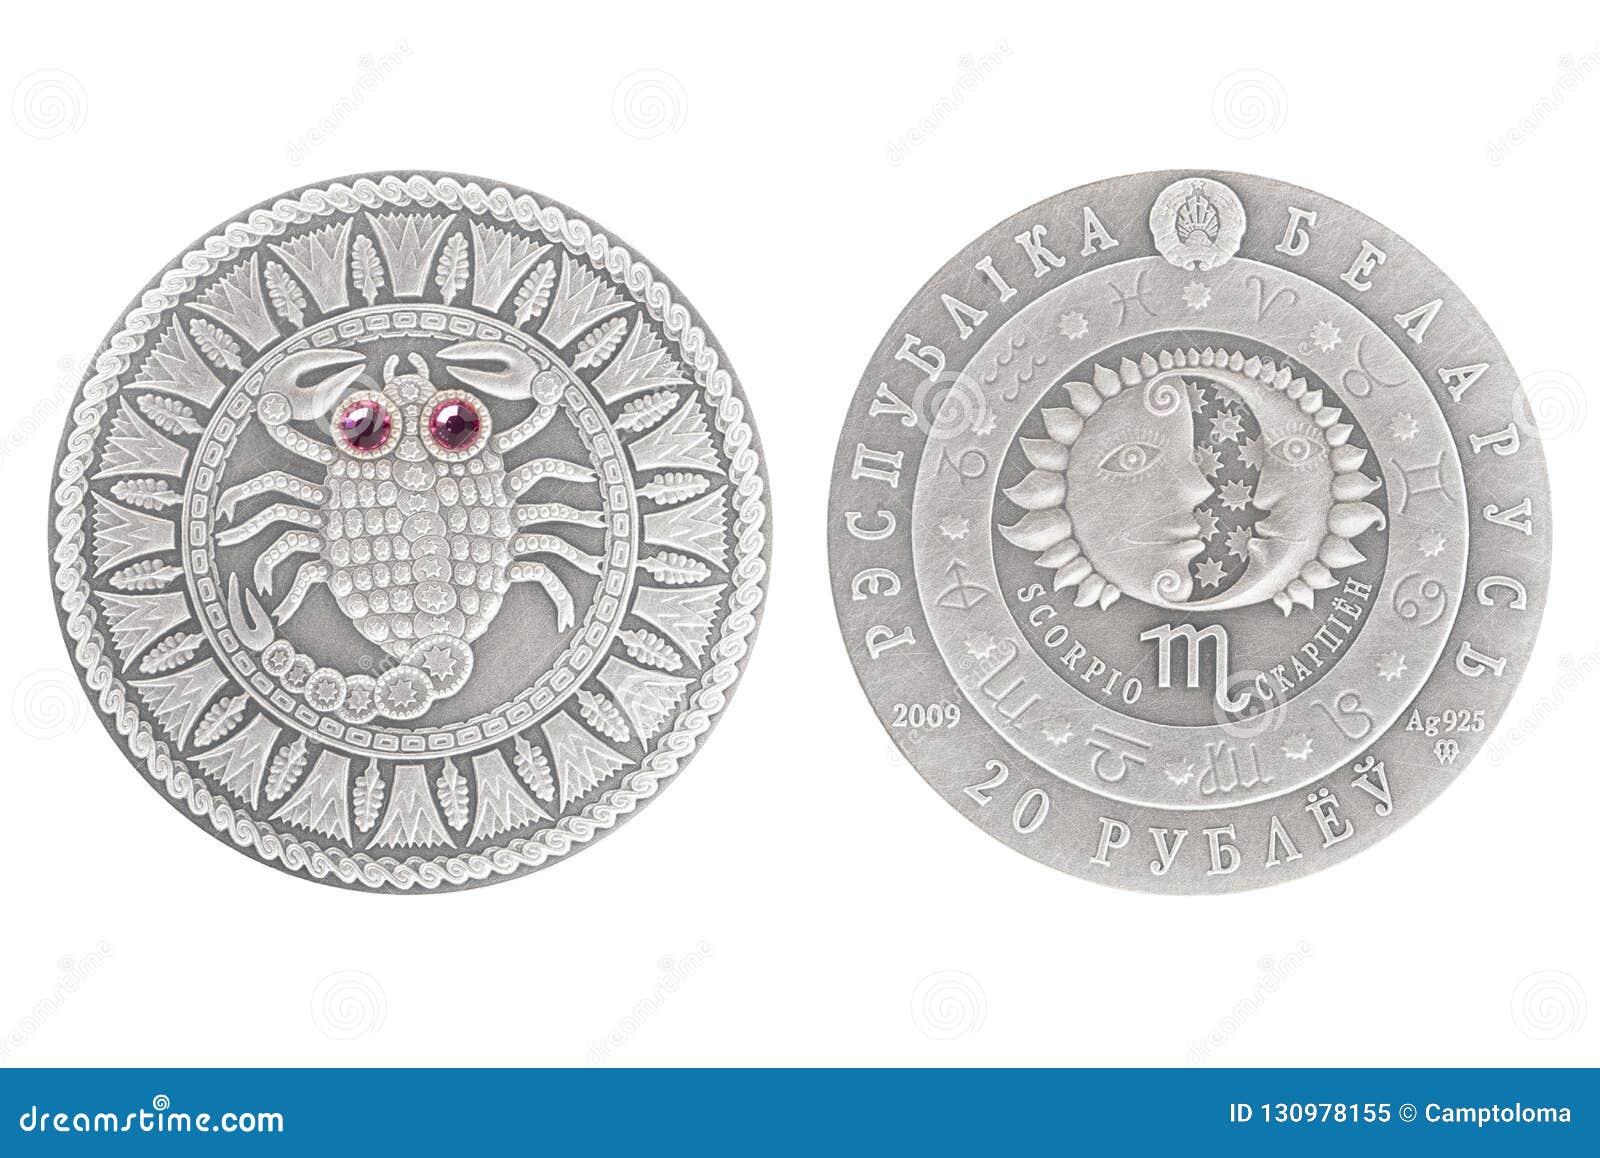 Silbermünze Skorpions-Weißrusslands